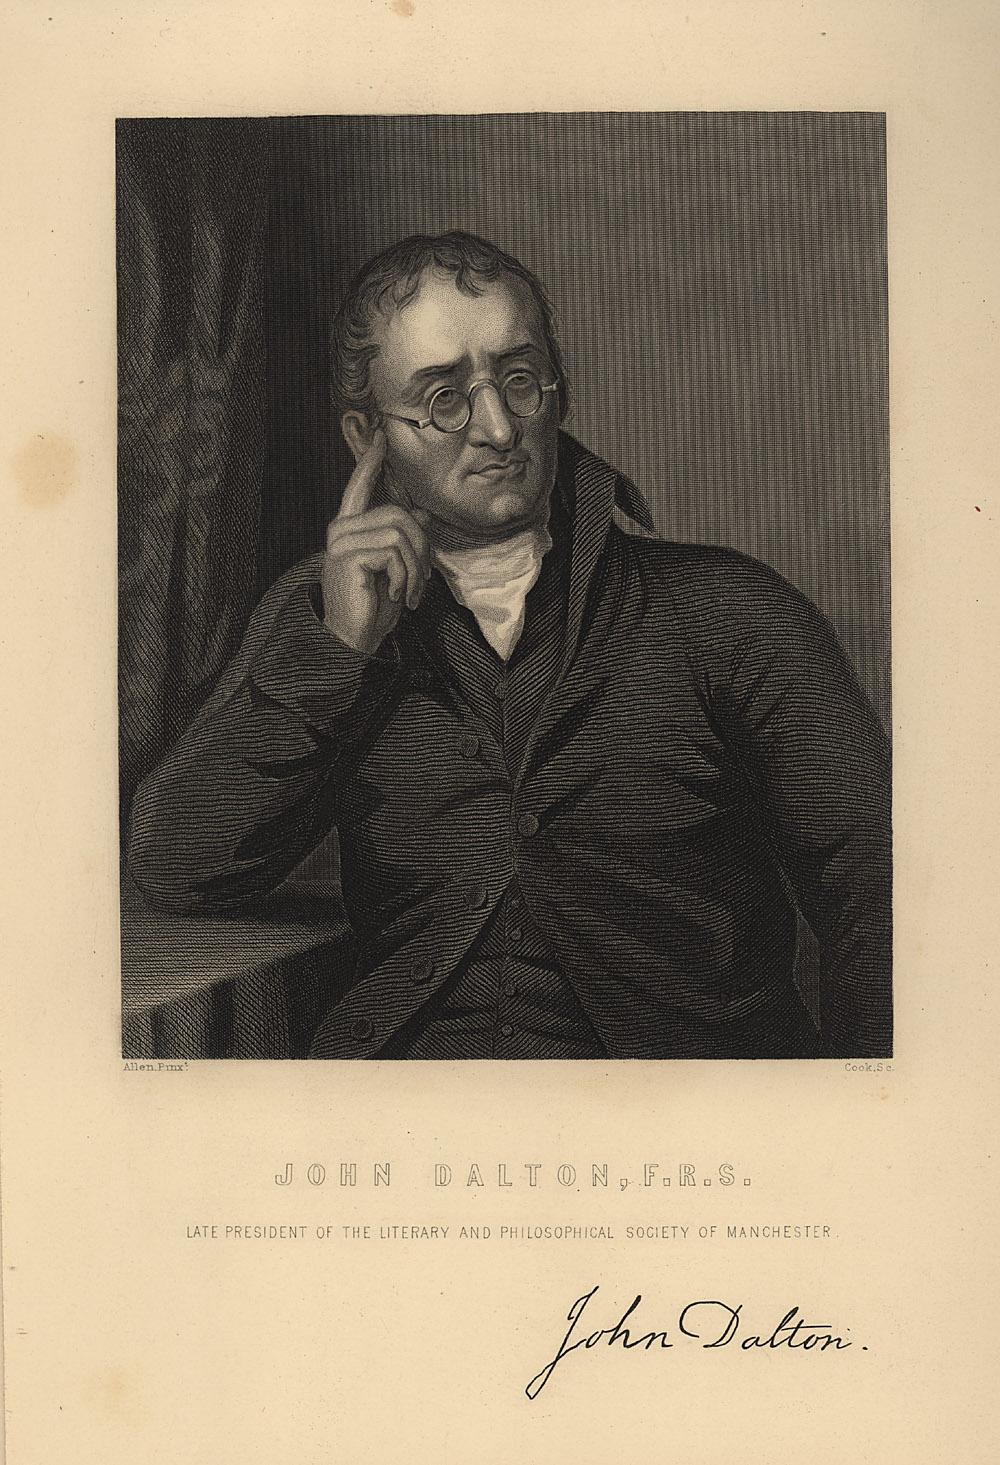 Portrait of John Dalton,  Image number:SIL14-D1-03a